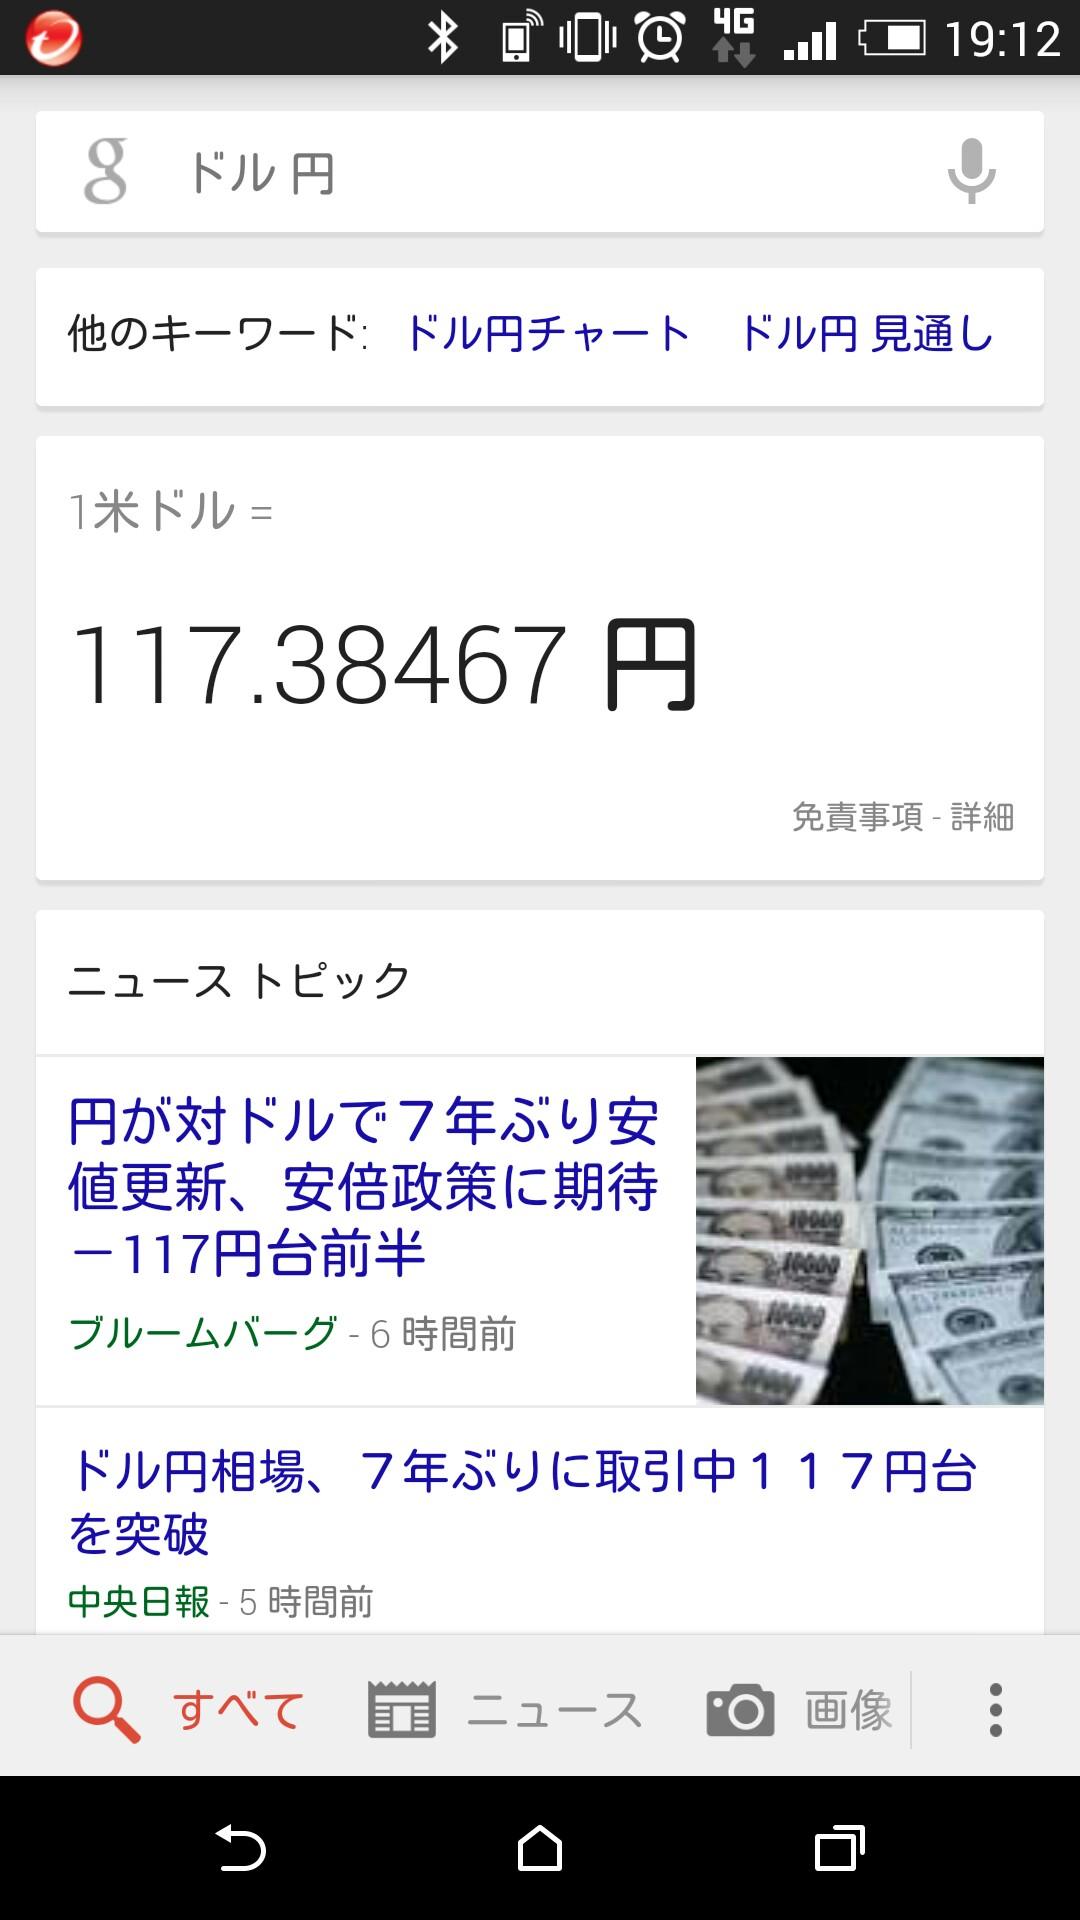 20141119211500221.jpg